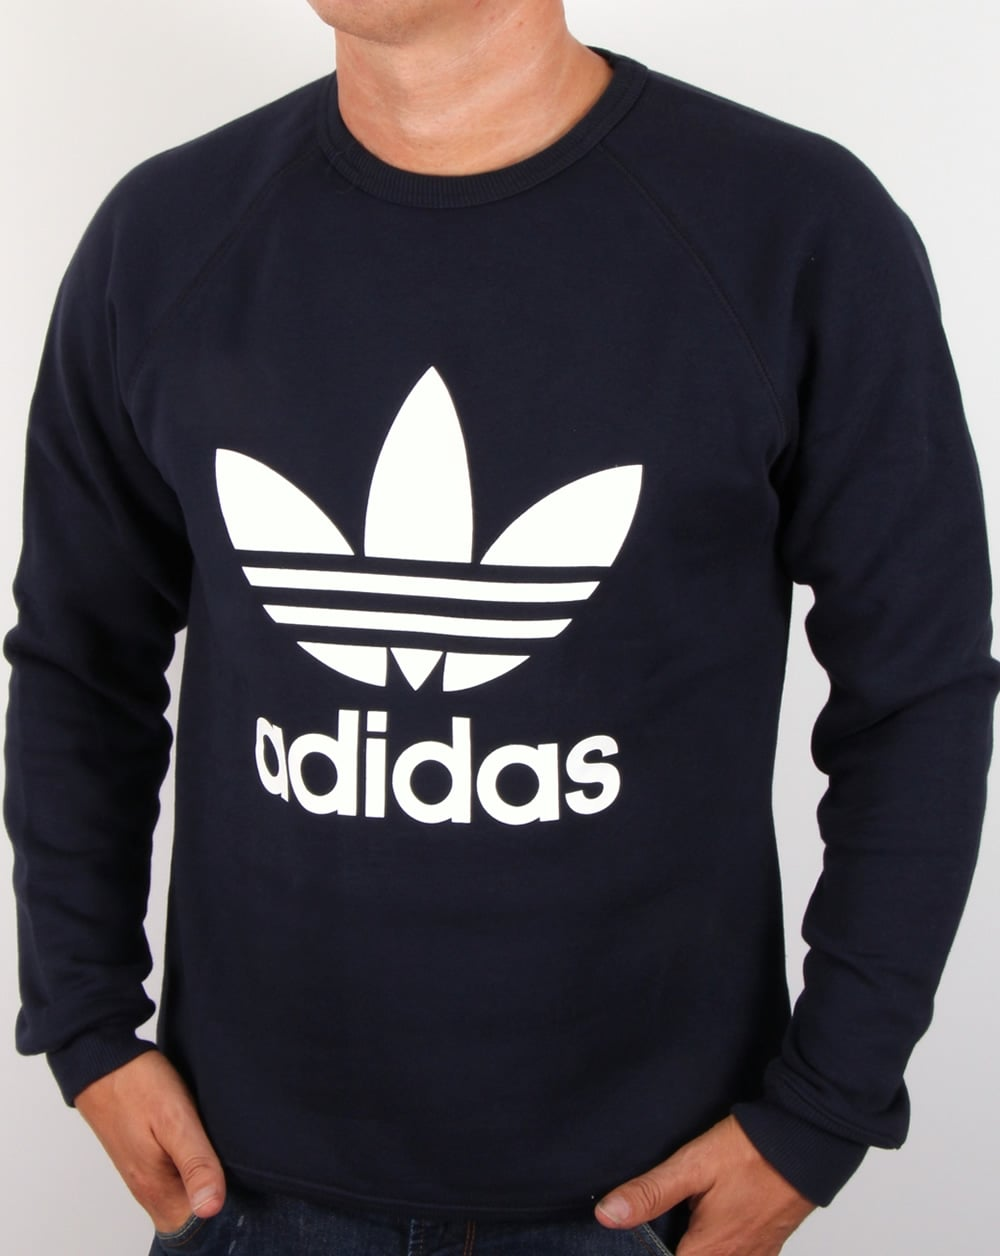 Presentador miel usuario  Adidas Originals Trefoil Sweatshirt Legend Ink,jumper,sweater,knit,mens